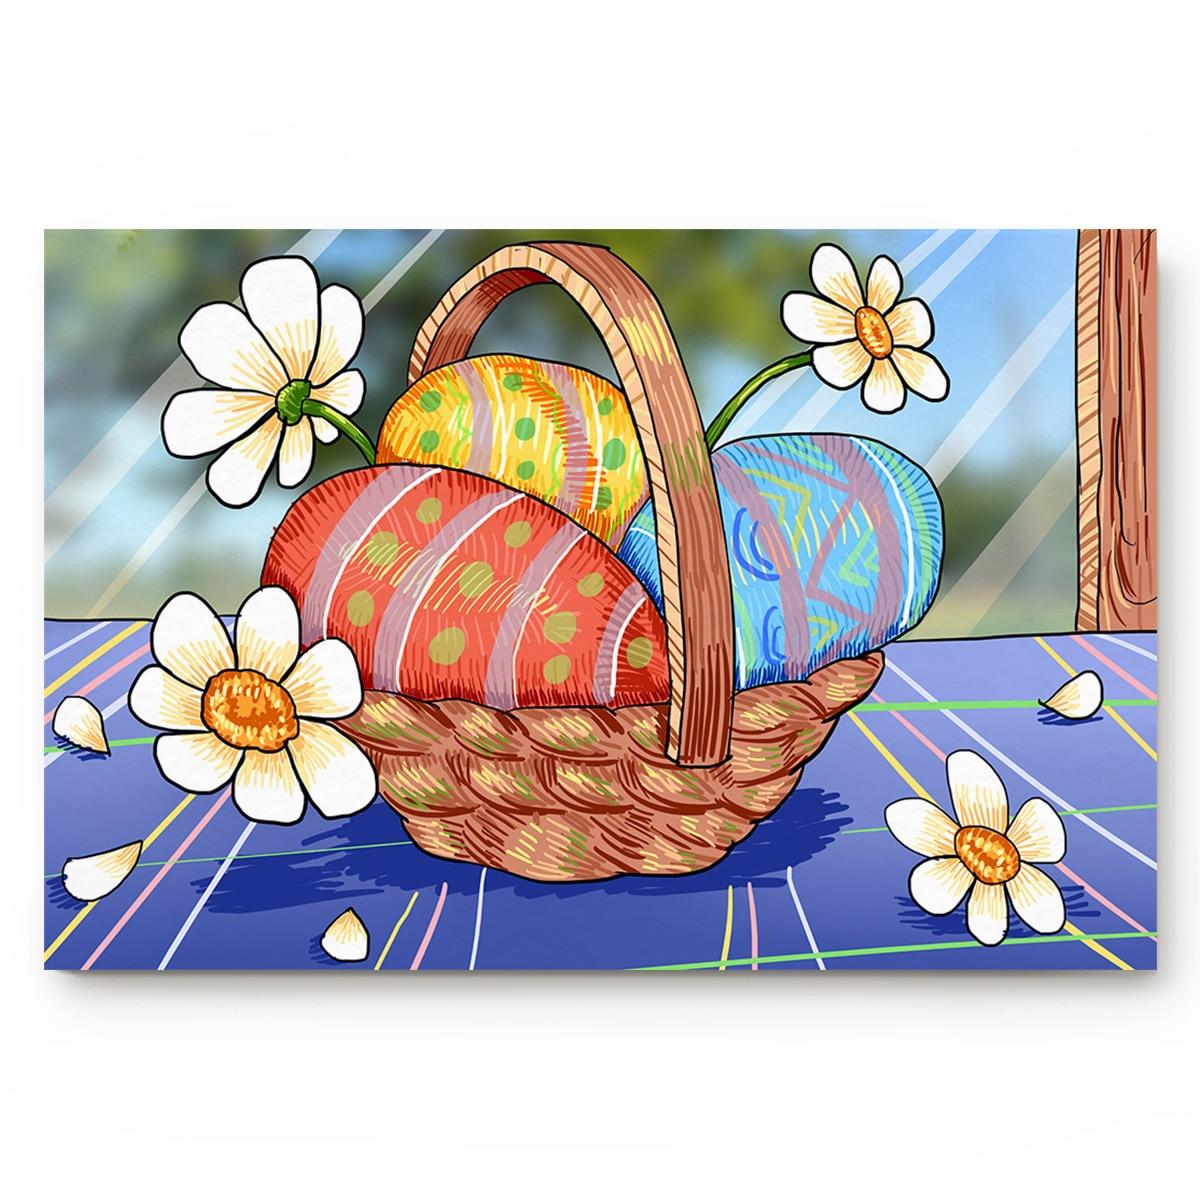 Cesta para huevos de Pascua, flores debajo de un tazón para mascota, tazón para agua y alimentos, Set de accesorios de baño, suciedad, residuos, barro, cazador, raspador de zapatos, piso